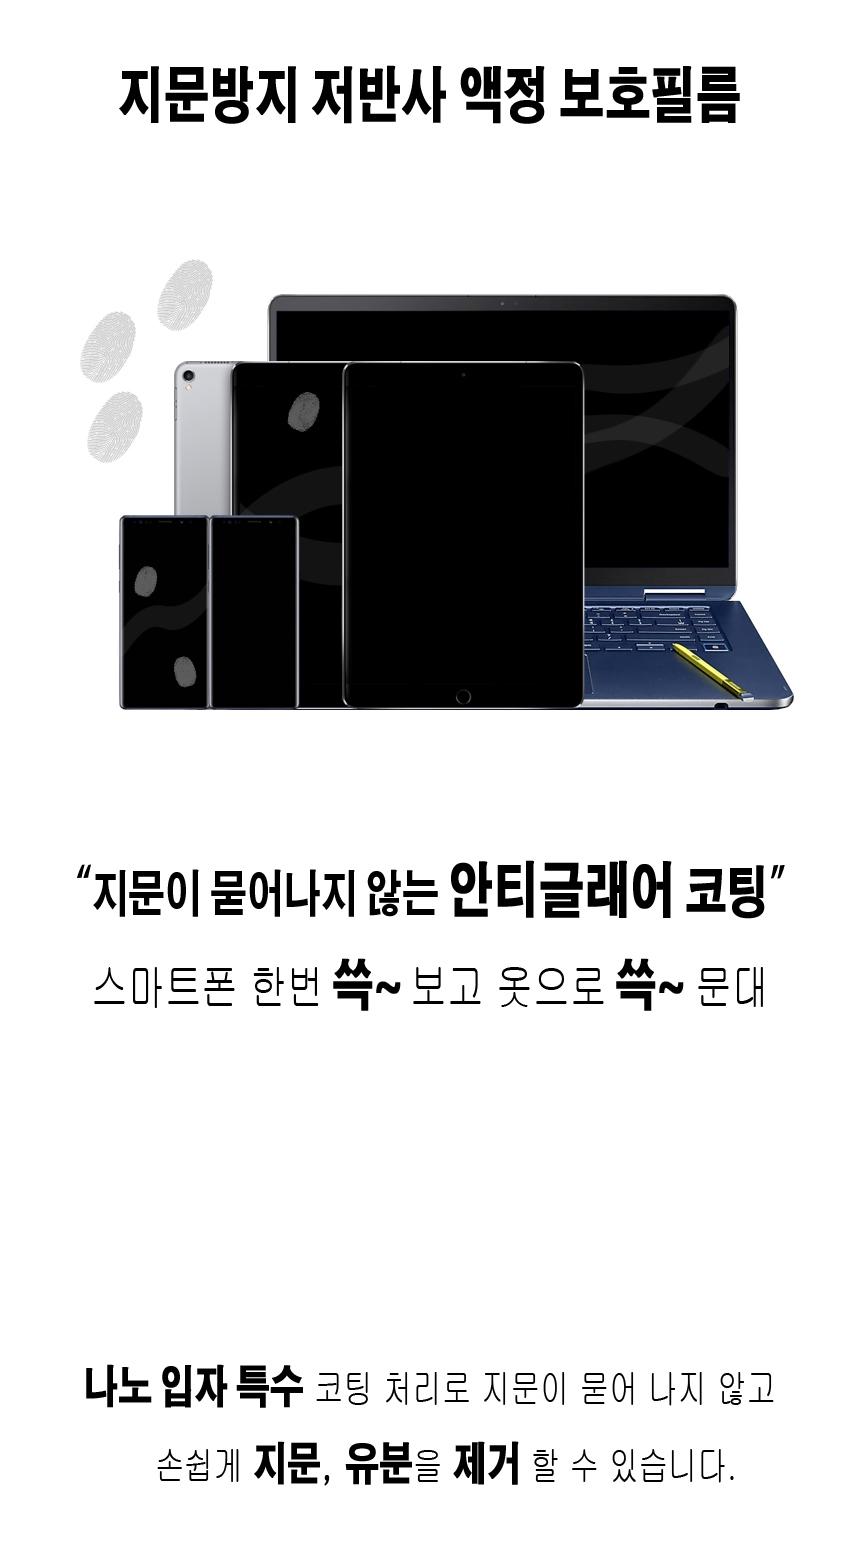 갤럭시탭A 8.0 2019 LTE SM-T295 저반사 지문방지 액정 보호필름 - 좀비베리어, 5,500원, 필름/스킨, 기타 갤럭시 제품